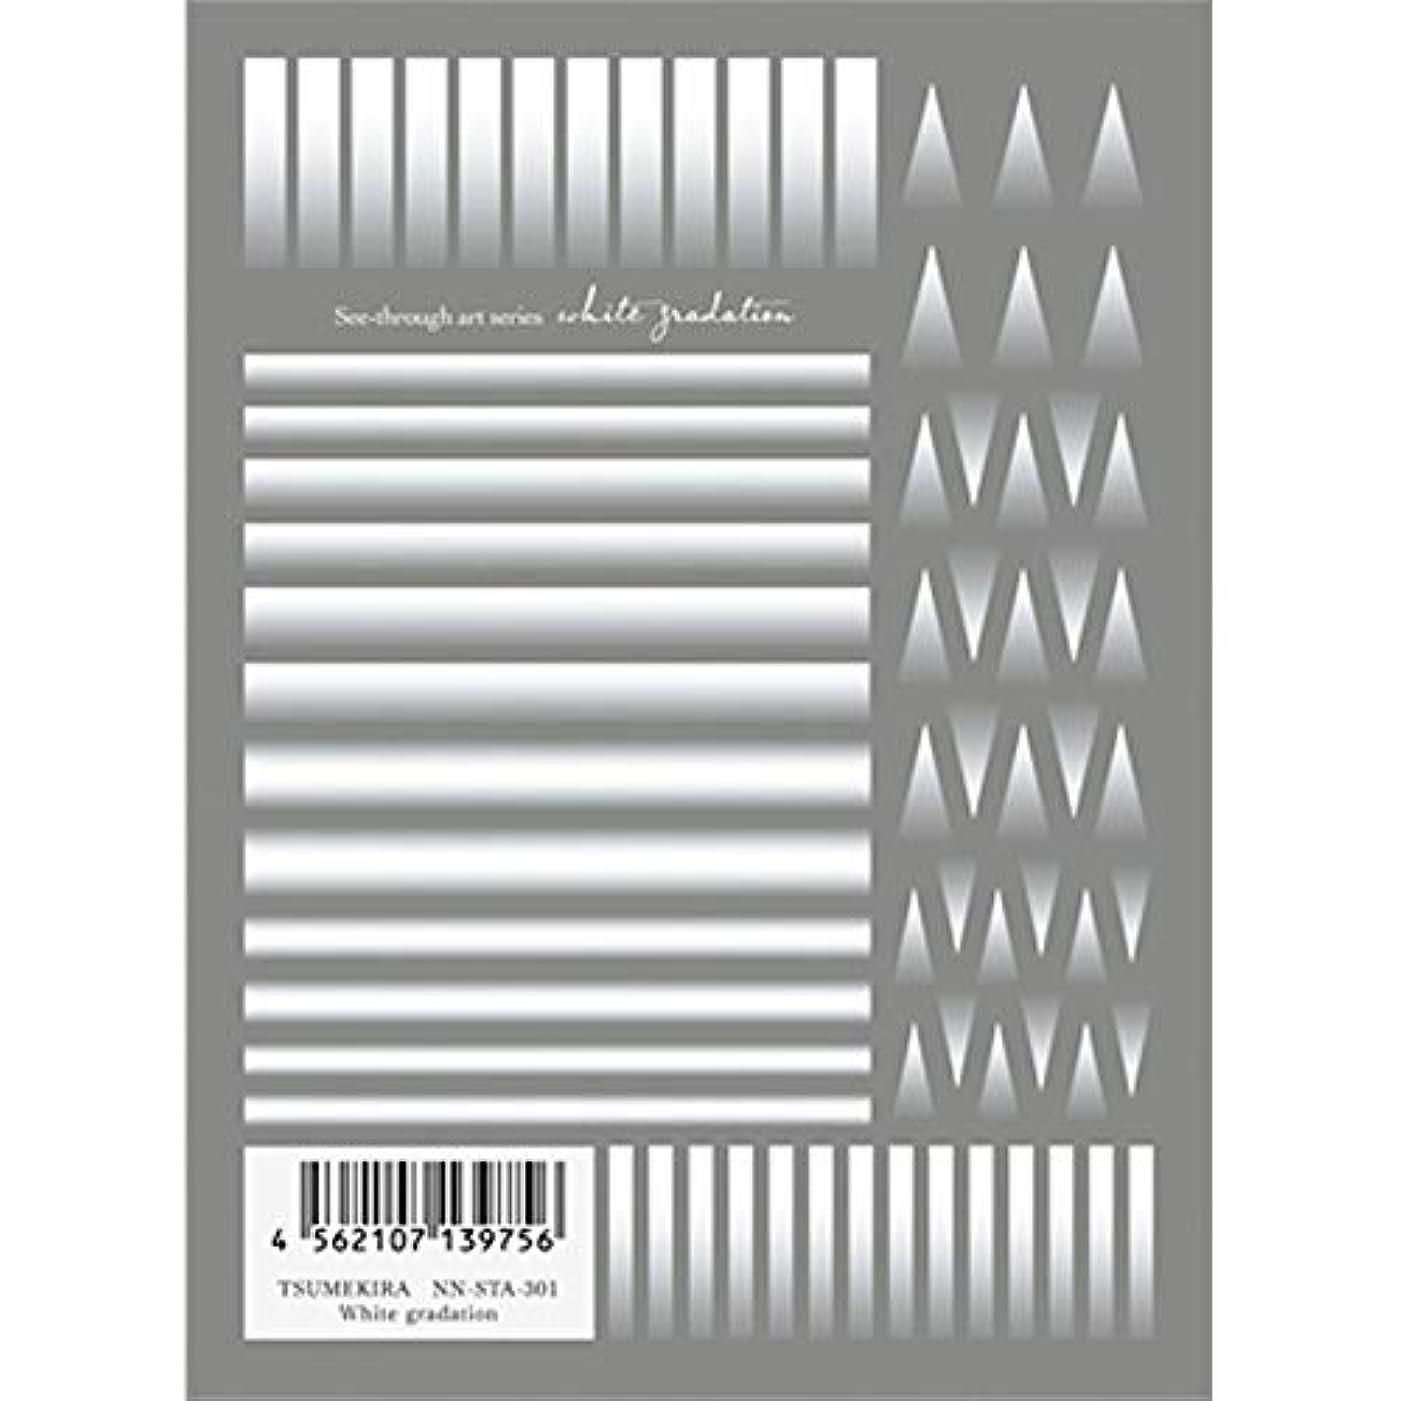 スティック優遇ラダツメキラ(TSUMEKIRA) ネイル用シール White gradation NN-STA-301